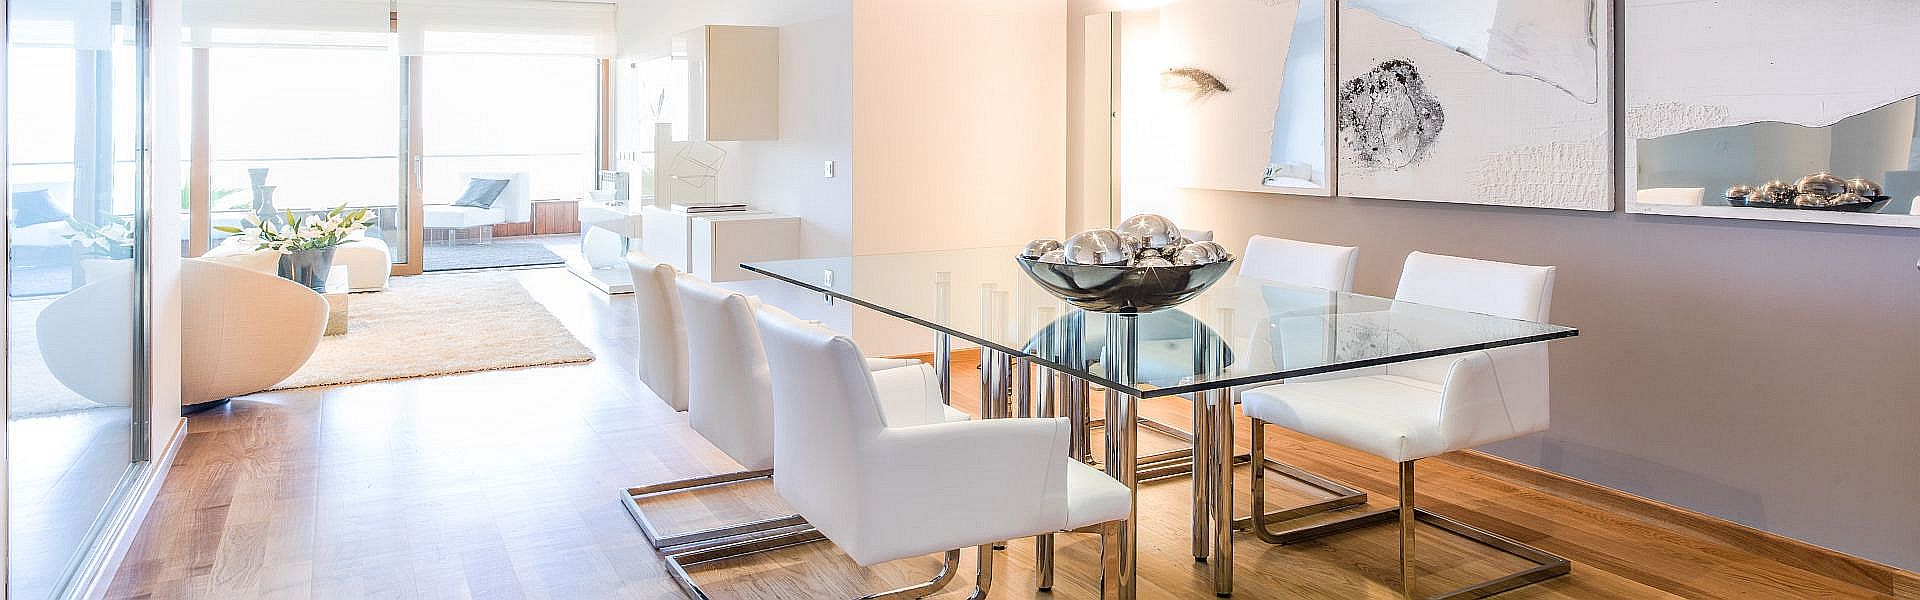 ImmoCenterKoeln - Wohnung kaufen Köln